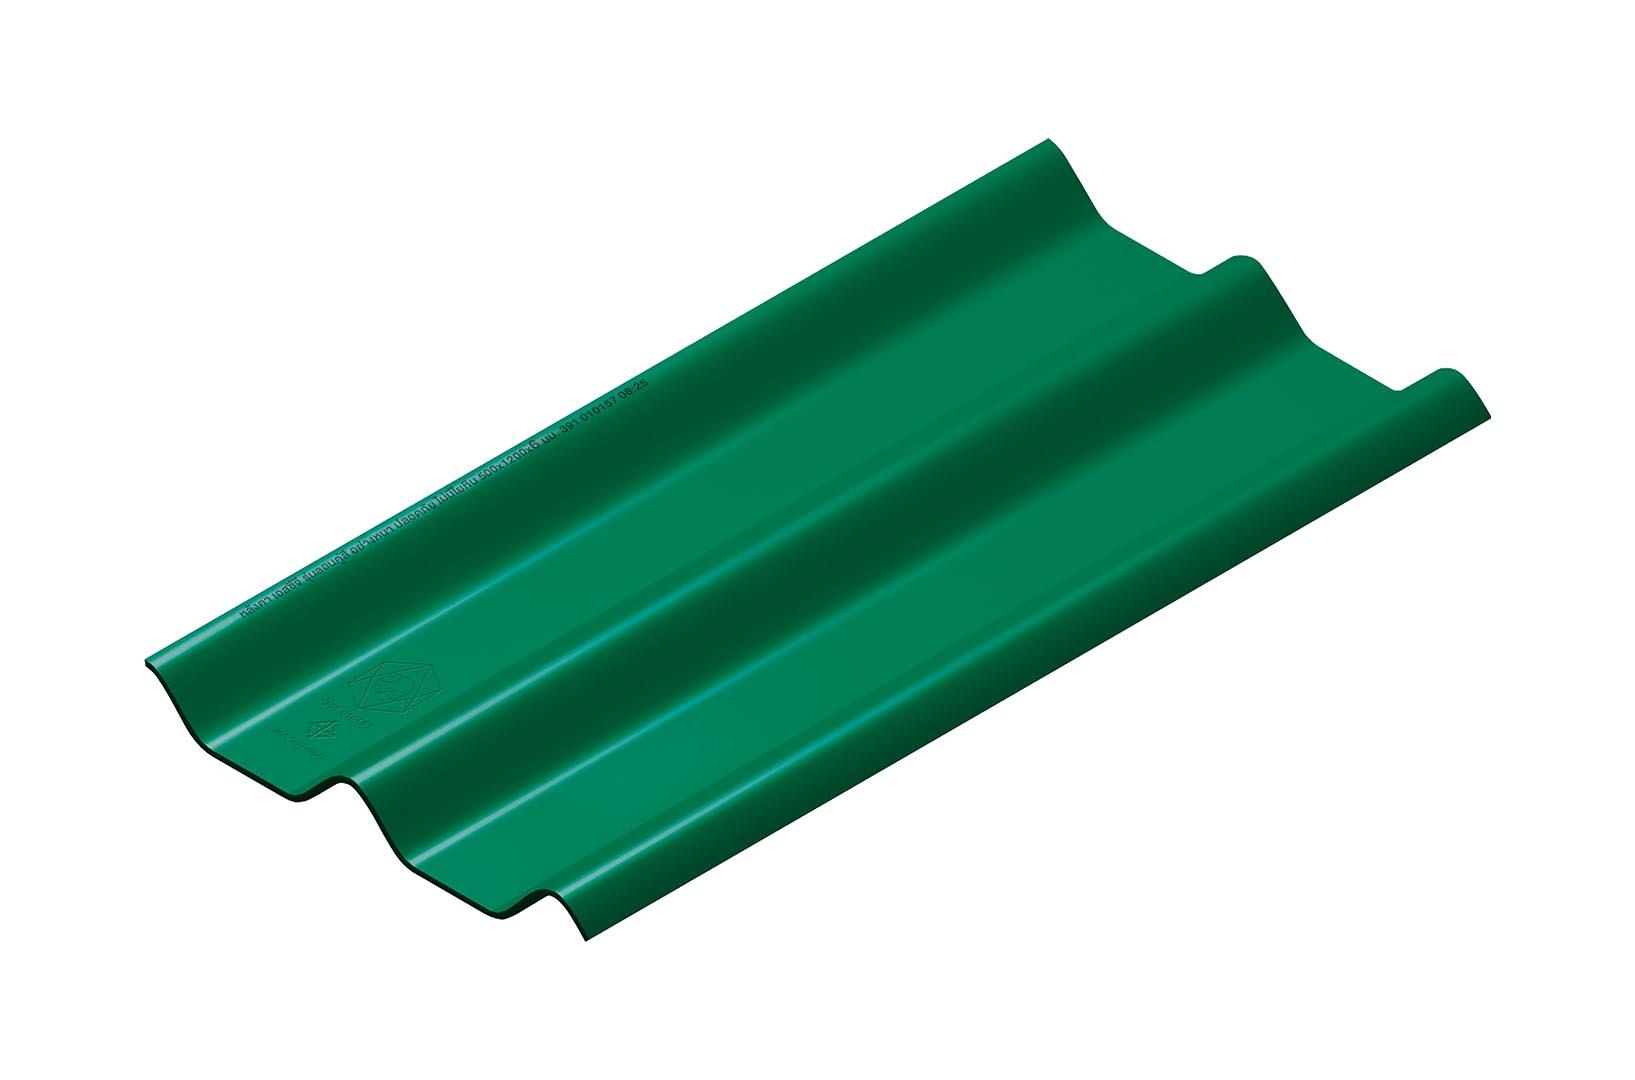 หลังคาไฟเบอร์ซีเมนต์ เอสซีจี รุ่น ลอนคู่ไฮบริด ขนาด 50x120x0.55 สีเขียว 1